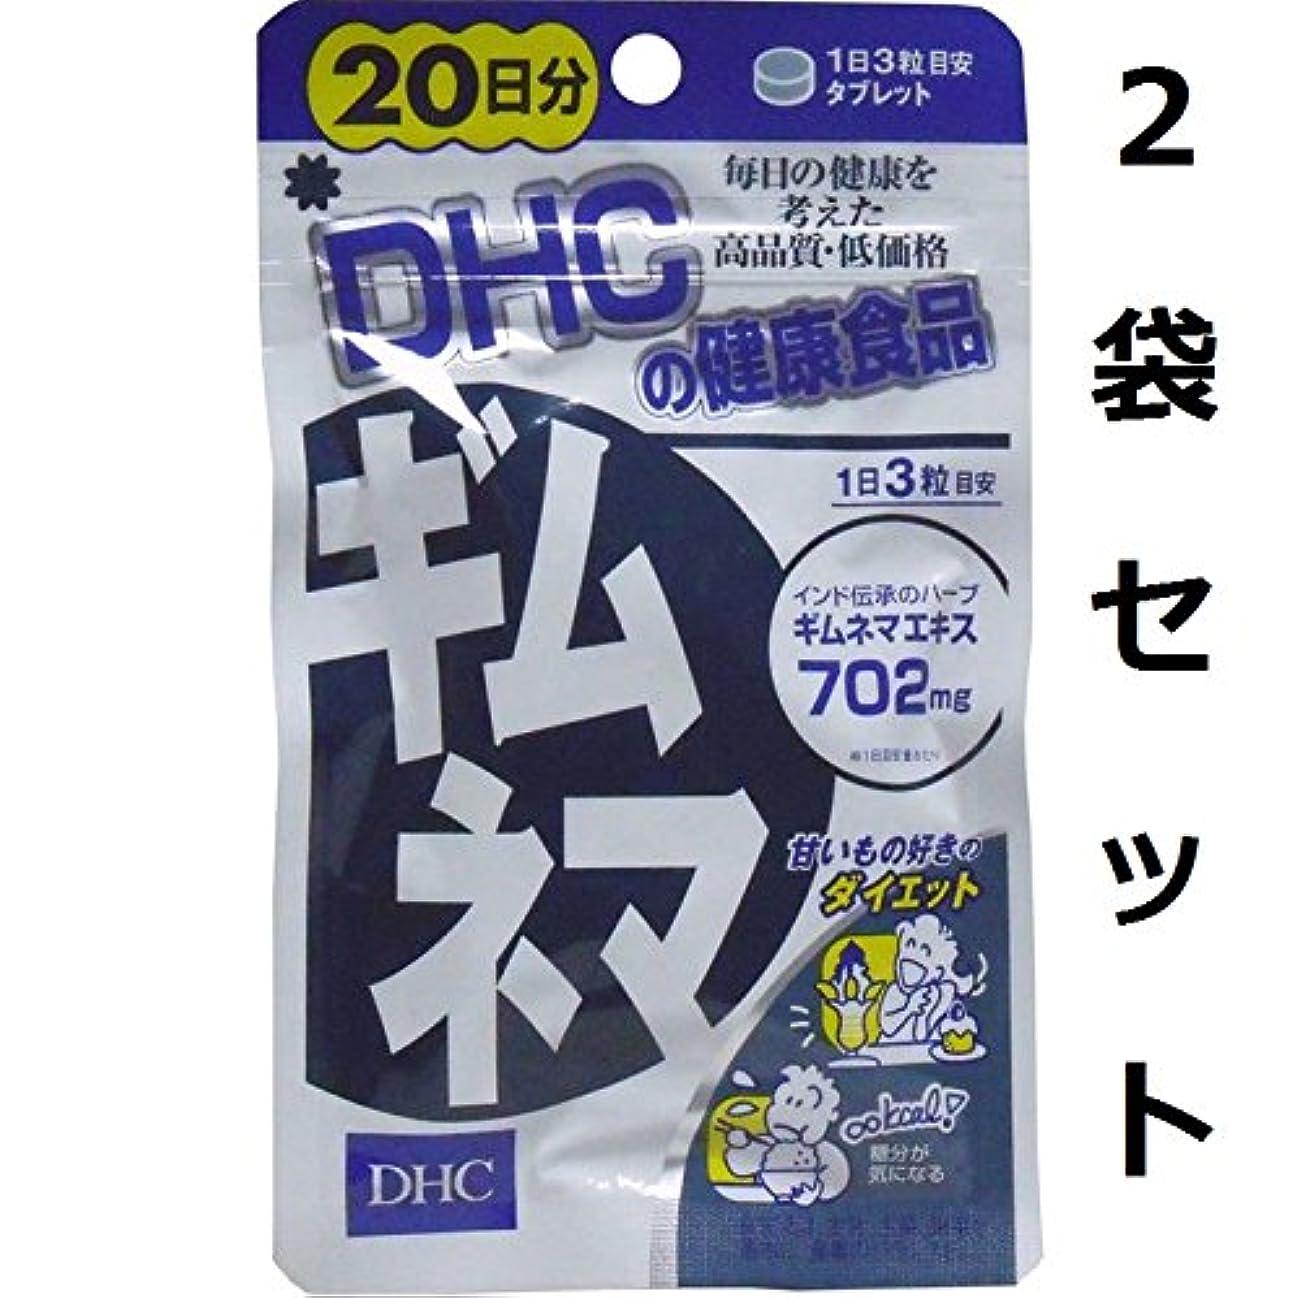 ベンチャーうんざりニコチン糖分や炭水化物を多く摂る人に DHC ギムネマ 20日分 60粒 2袋セット